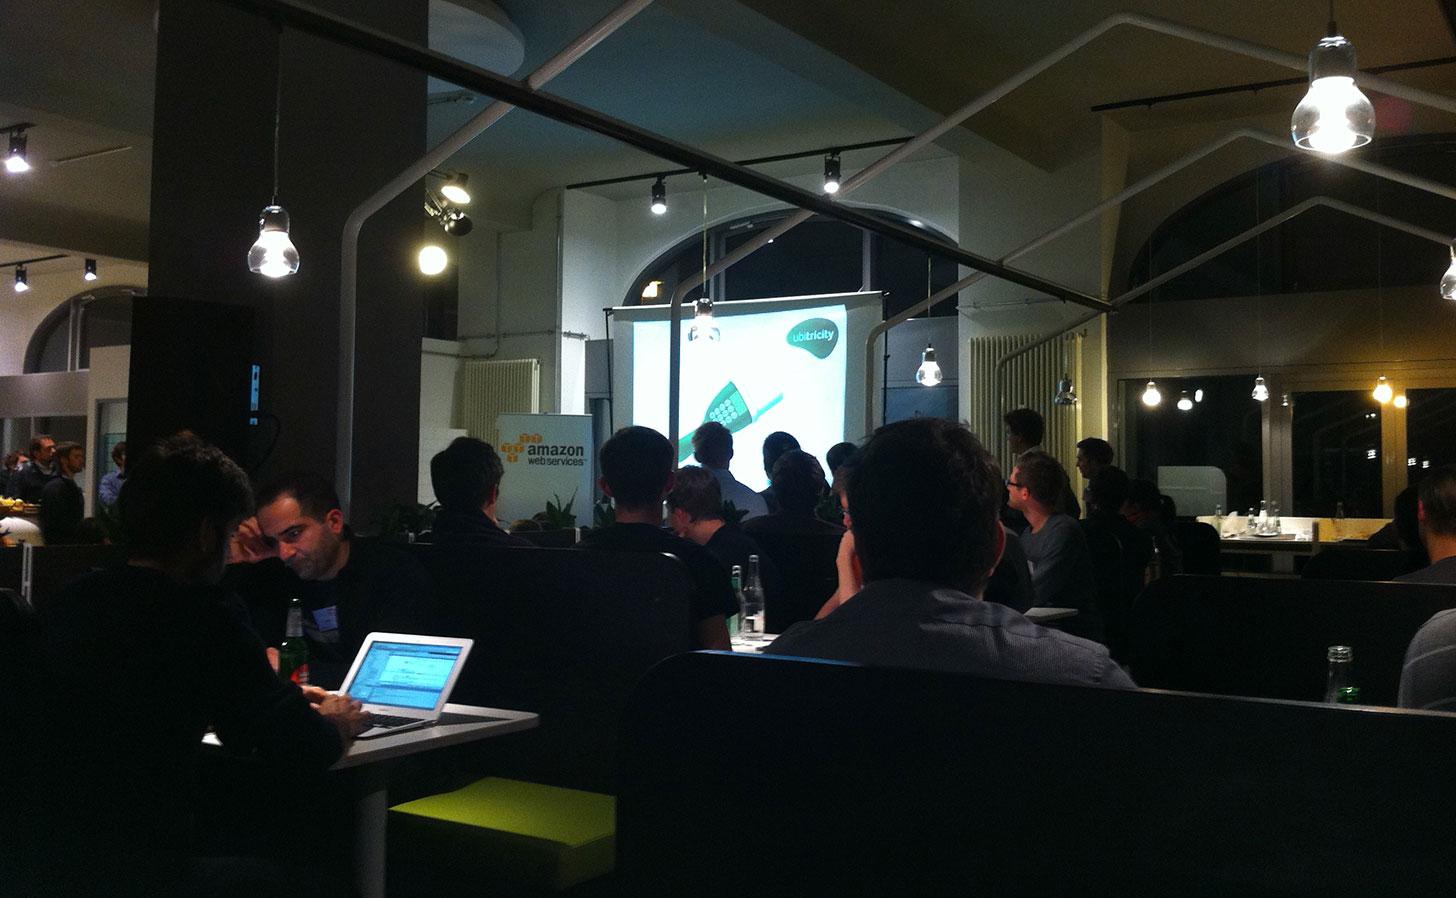 An event at Office Club Prenzlauer Berg, Berlin. Photo: Berlinow